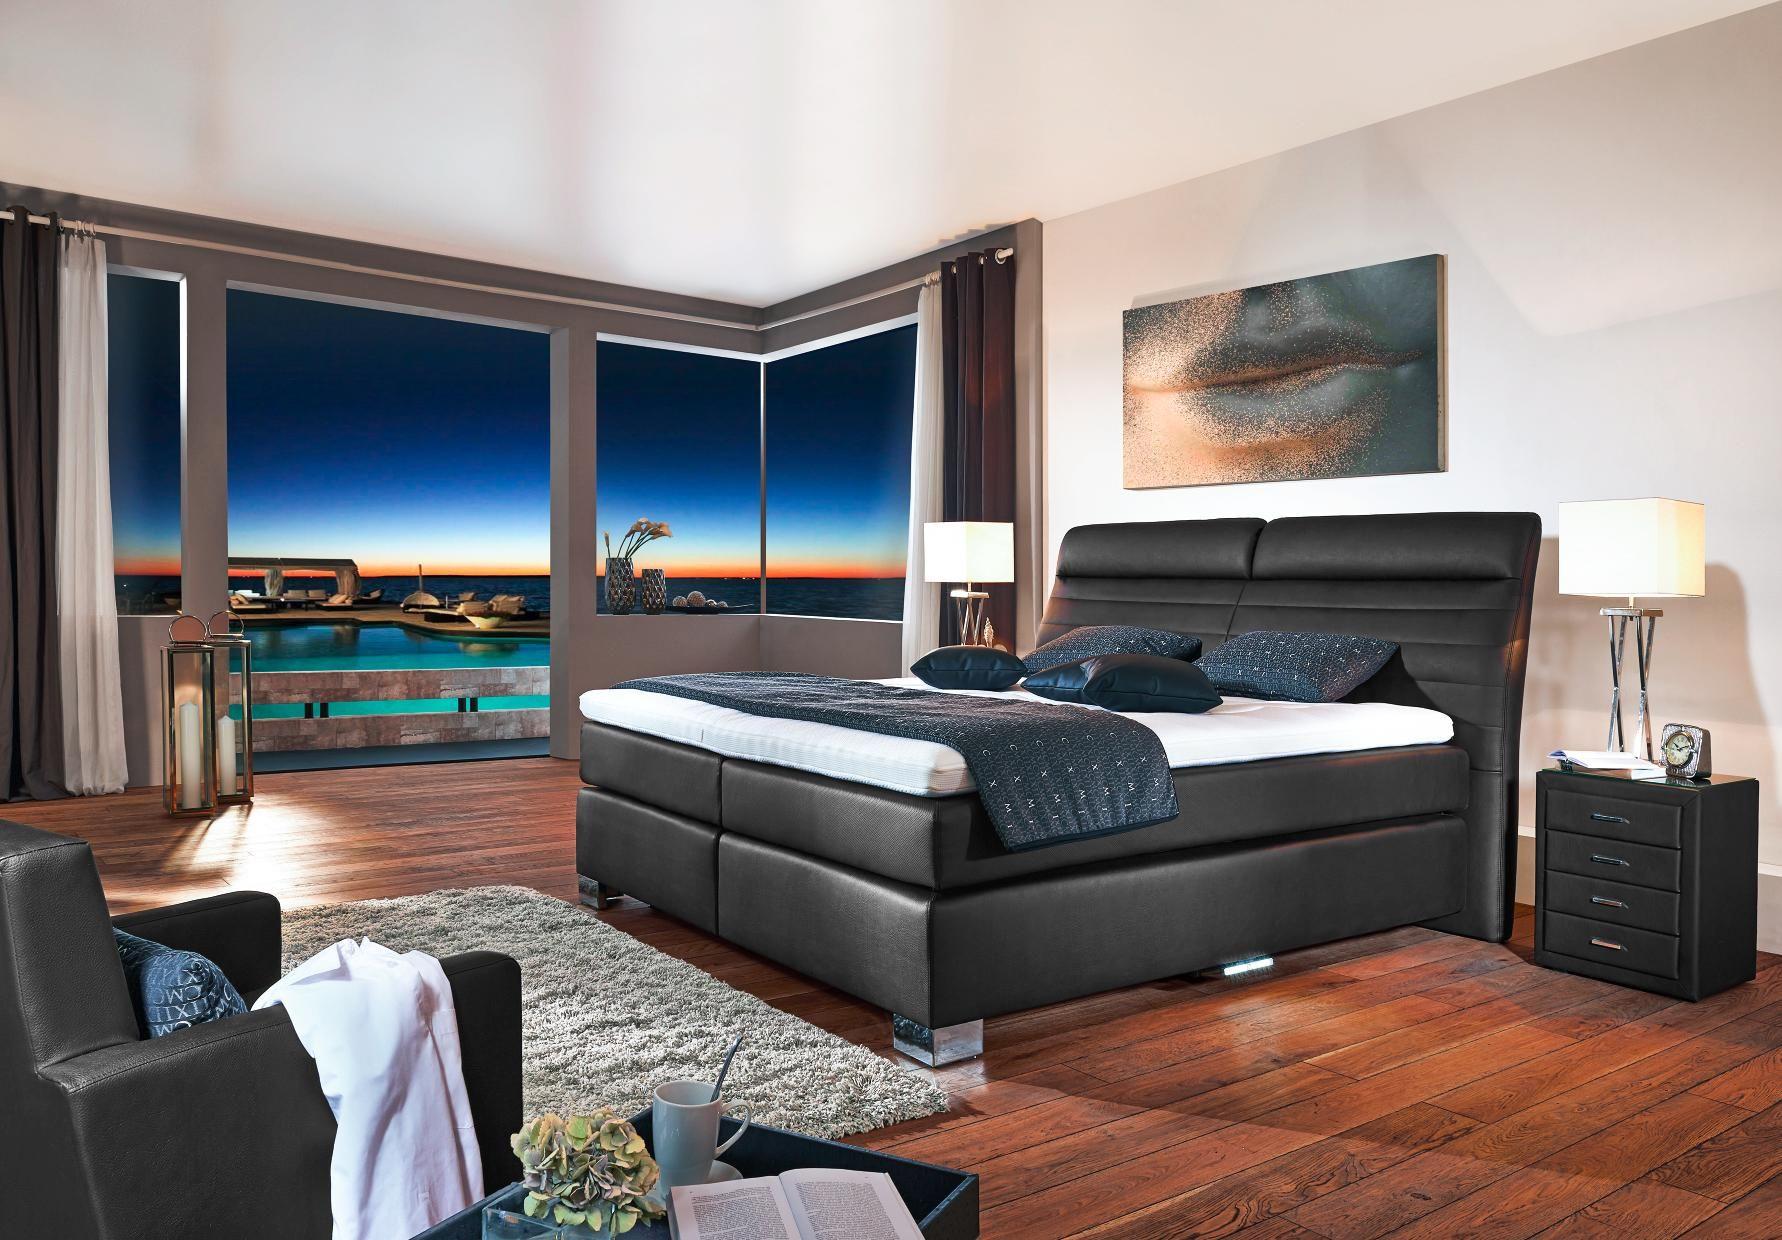 Boxspringbett 200 220 cm in schwarz in 2019 schlafzimmer for Boxspringbett schlafzimmer